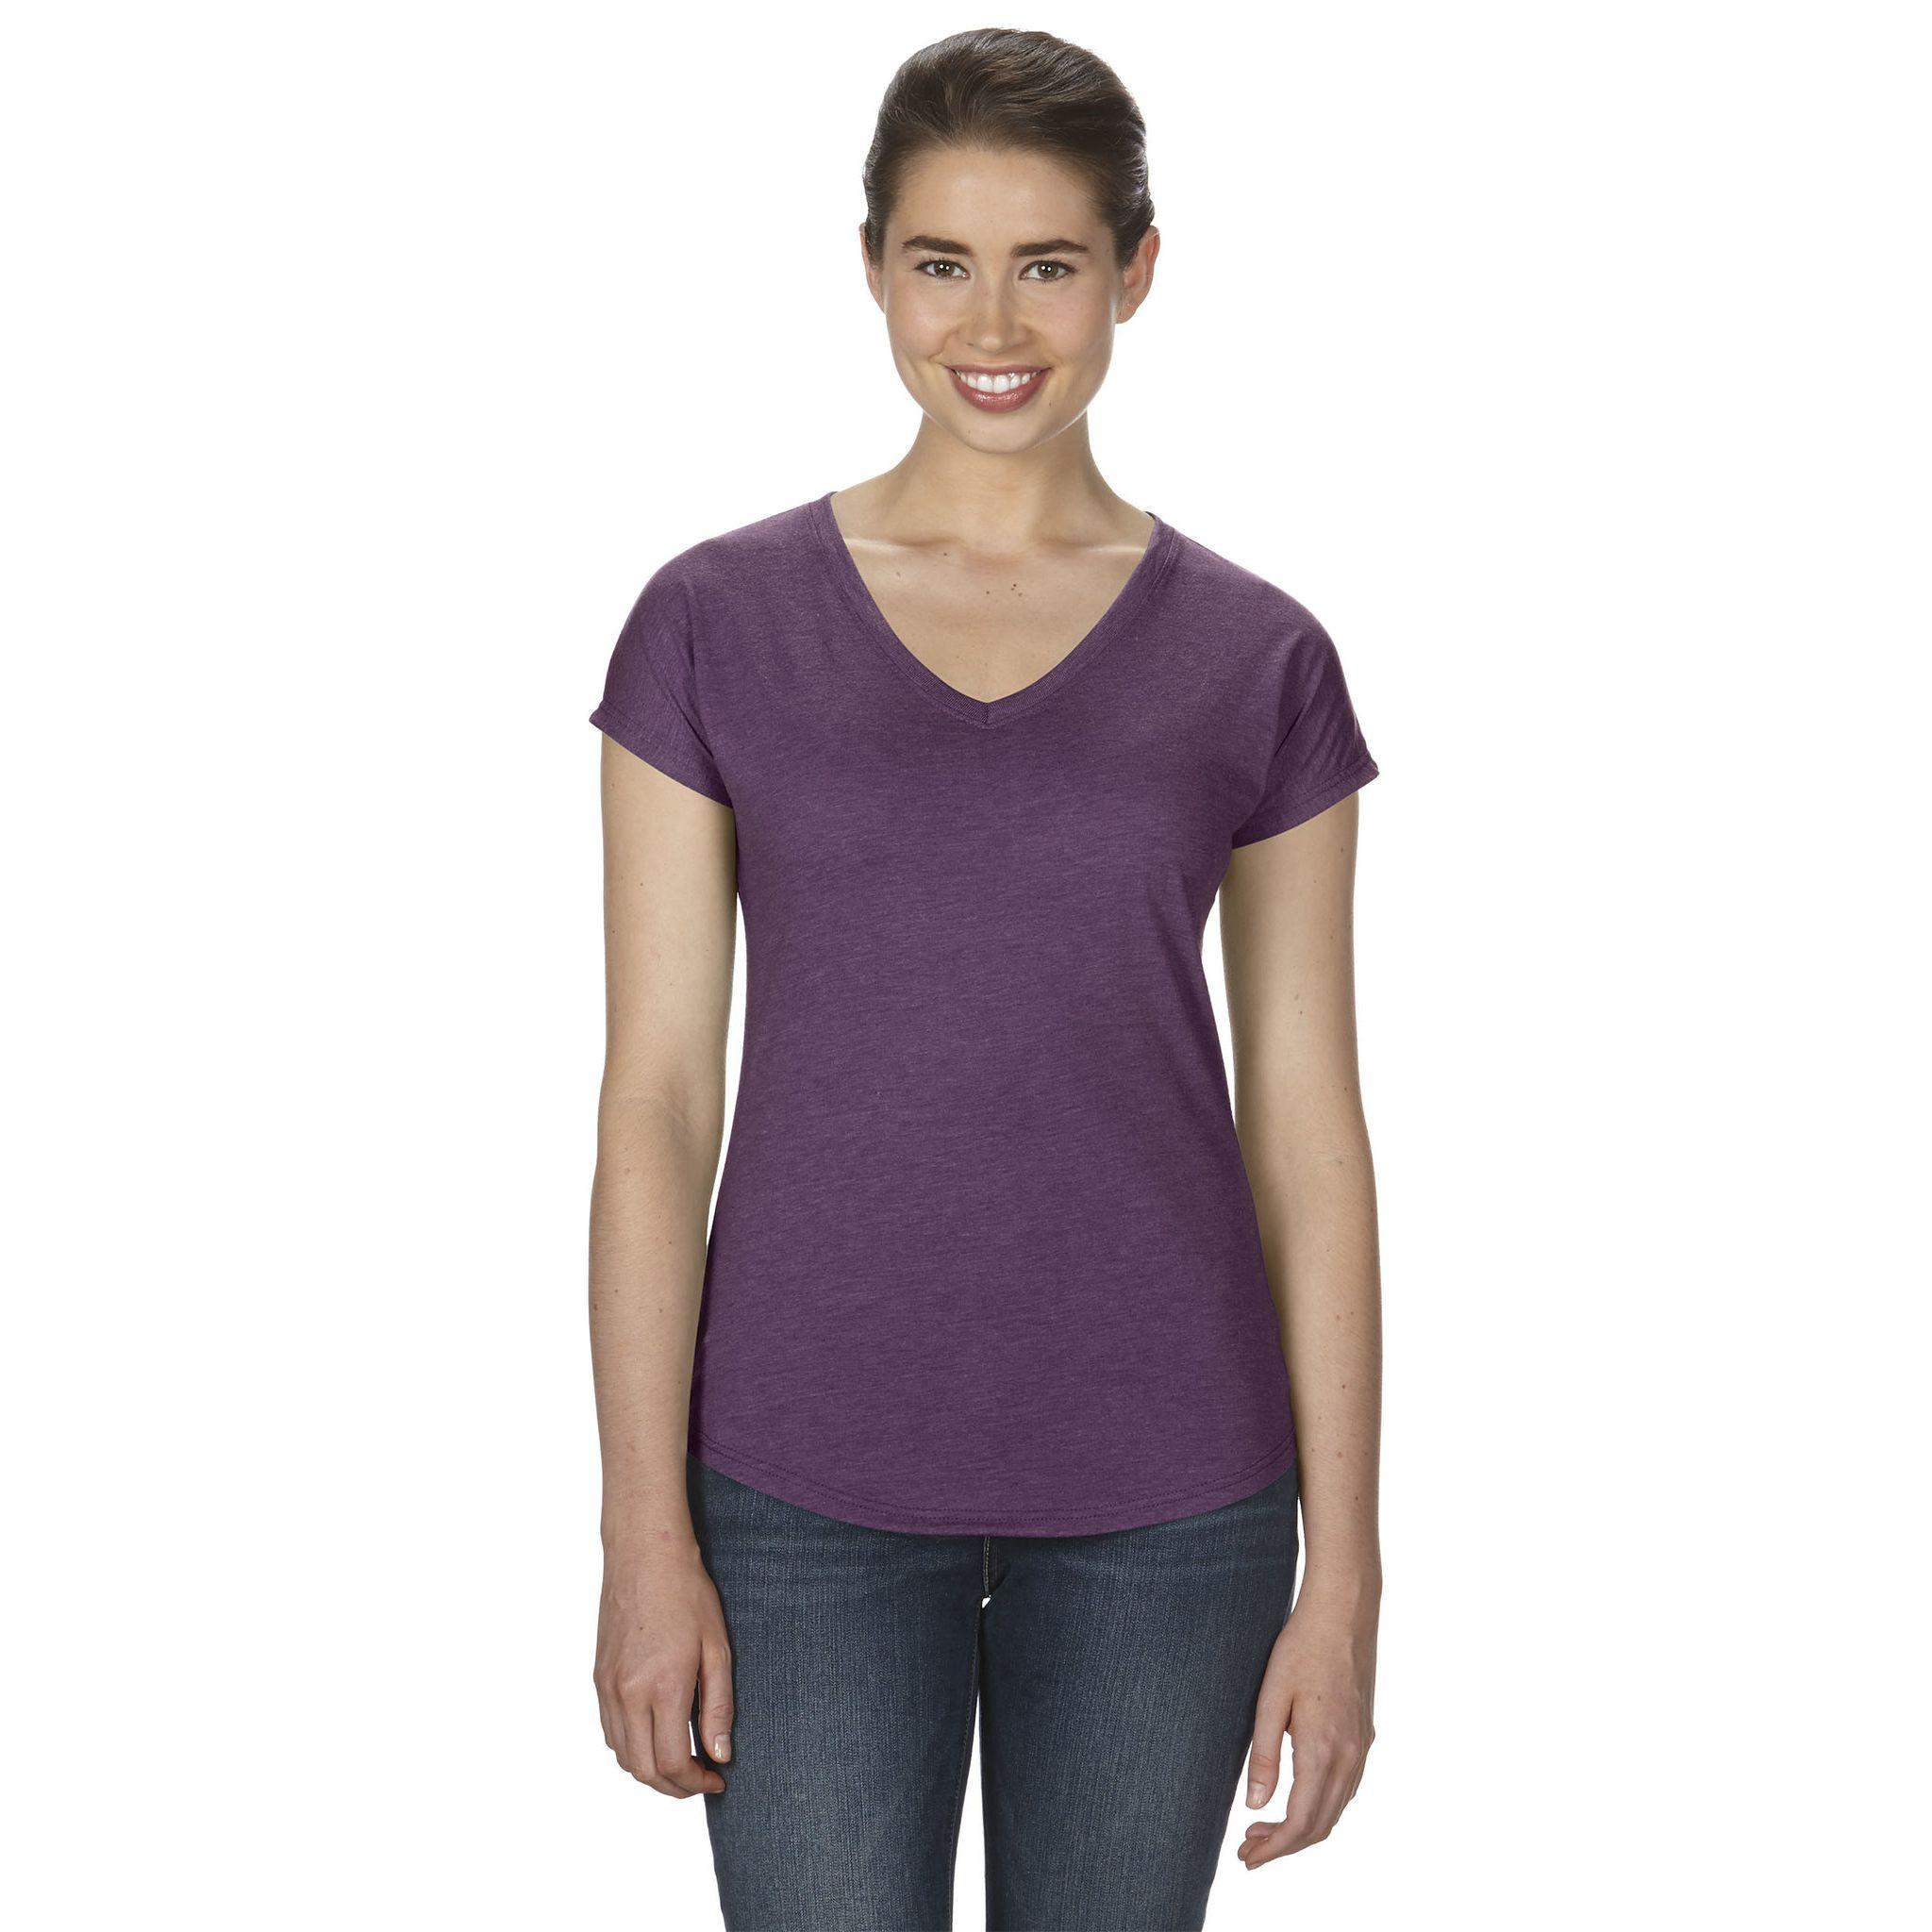 women-s-tri-blend-v-neck-tee-tee-shirt-femme-3-matieres-tri-blend